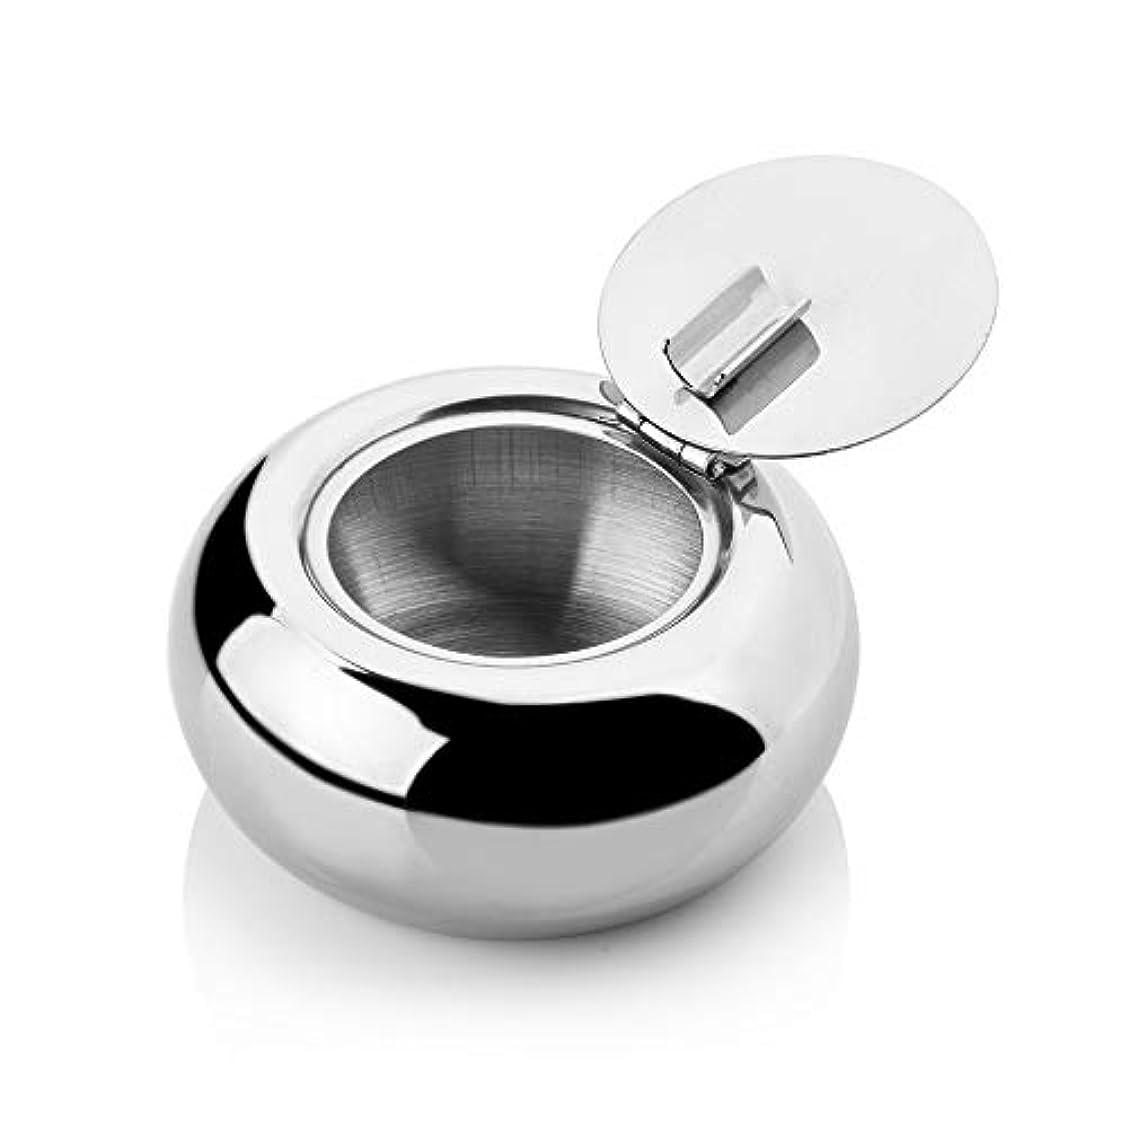 ルー雪だるまを作る展開するステンレス鋼の覆われた灰皿、屋内/屋外の普遍的な灰皿、きれいにすること容易防風の灰皿 (色 : L)